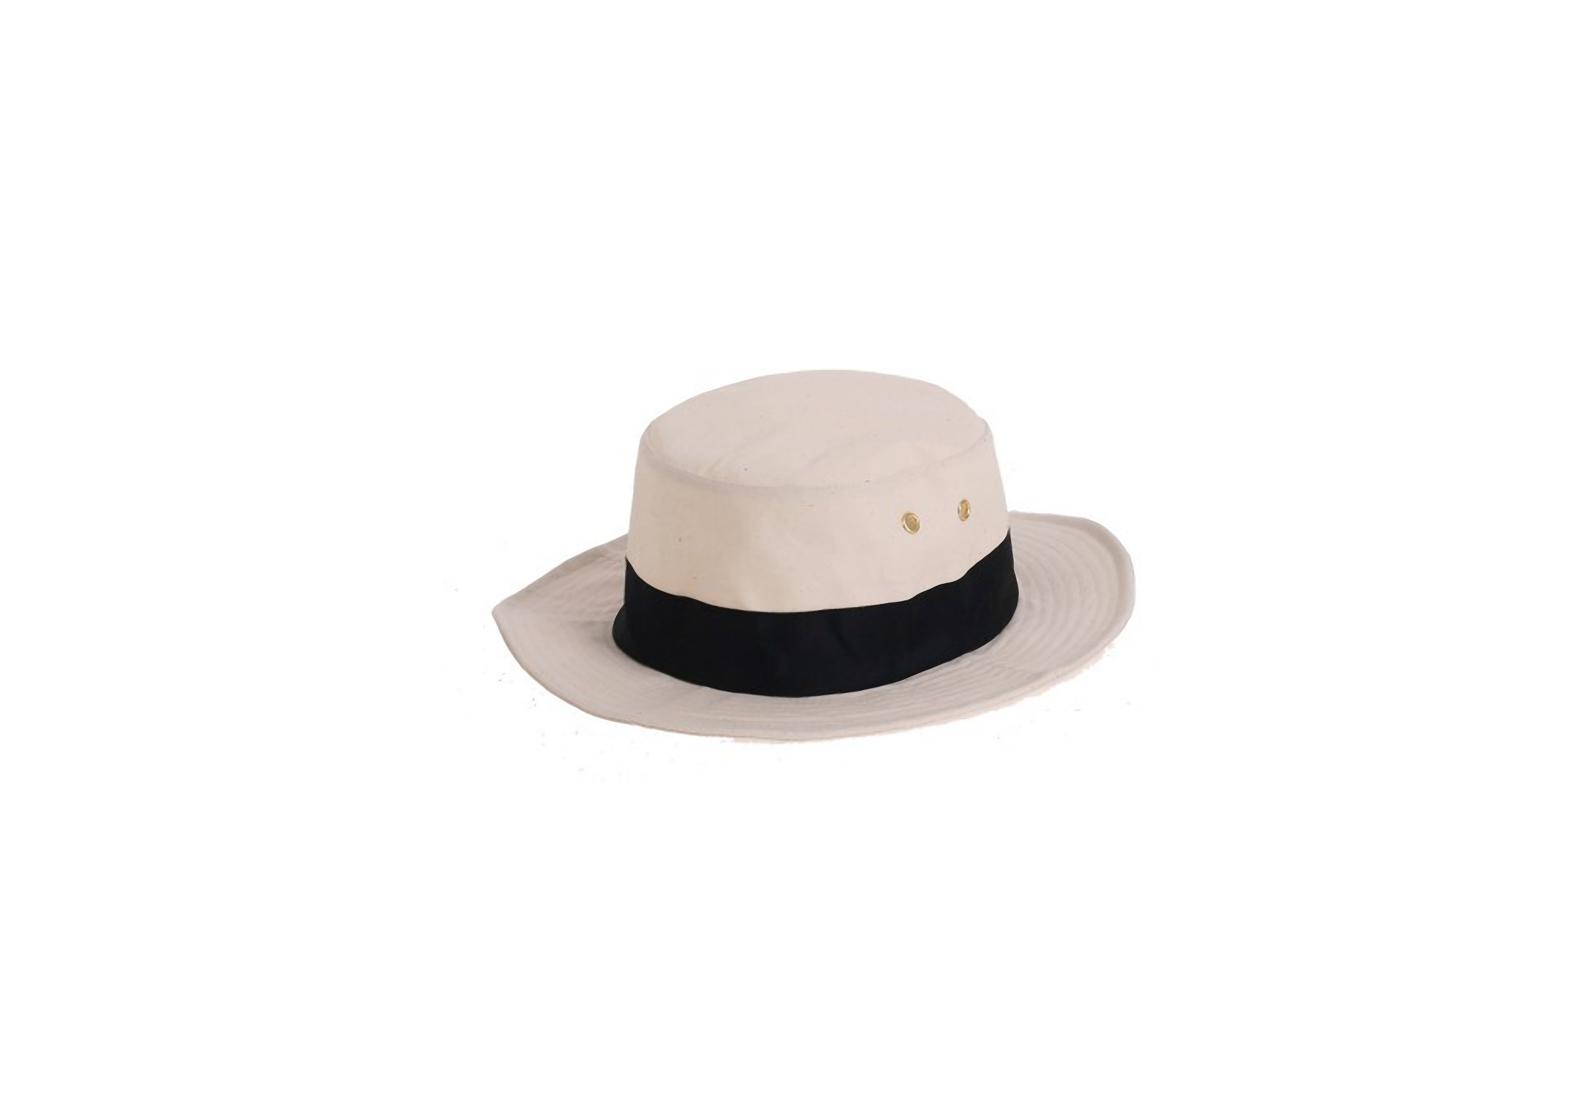 931d01dca Dámsky plátený klobúk Kbas s čiernou stuhou 001101 | Kbas